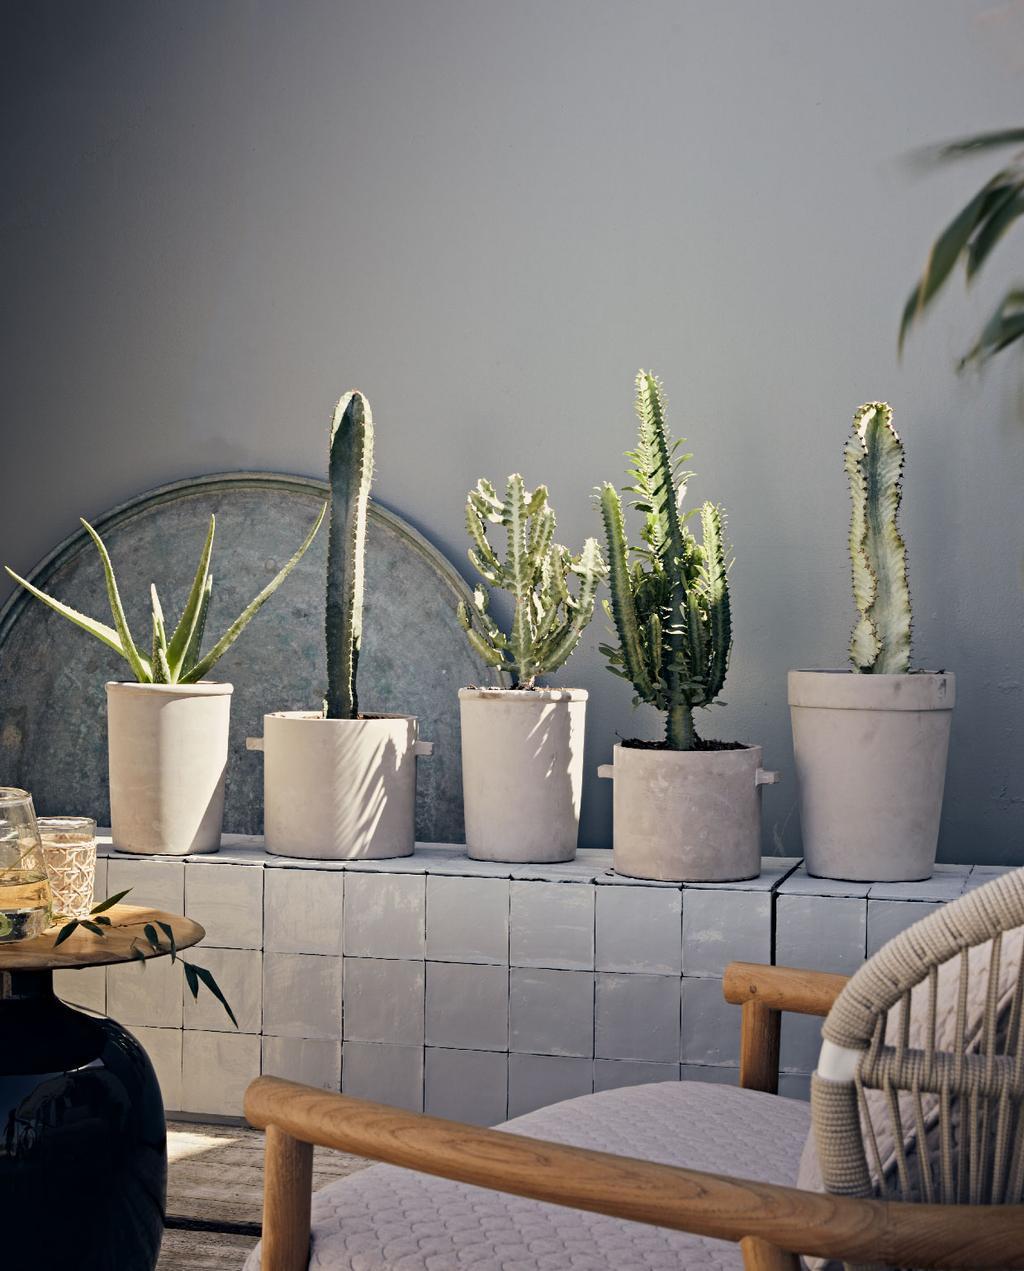 vtwonen collectie pot en plant herfst 2020 betonnen potten en cactussen | kamerplant naar buiten